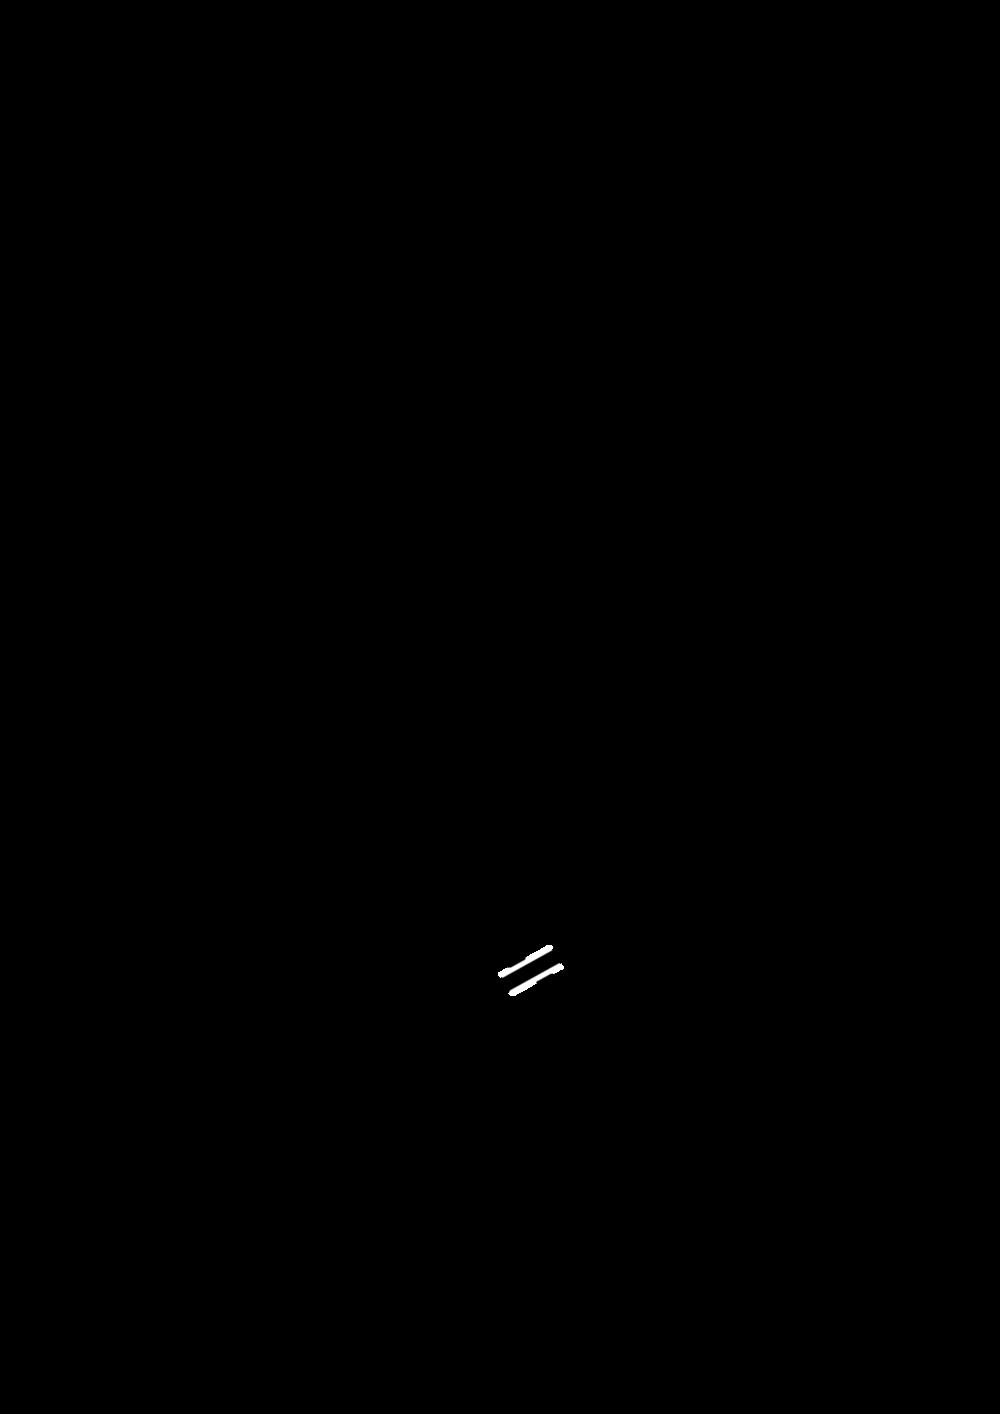 Logo_Tafelrunde2017_schwarz.png